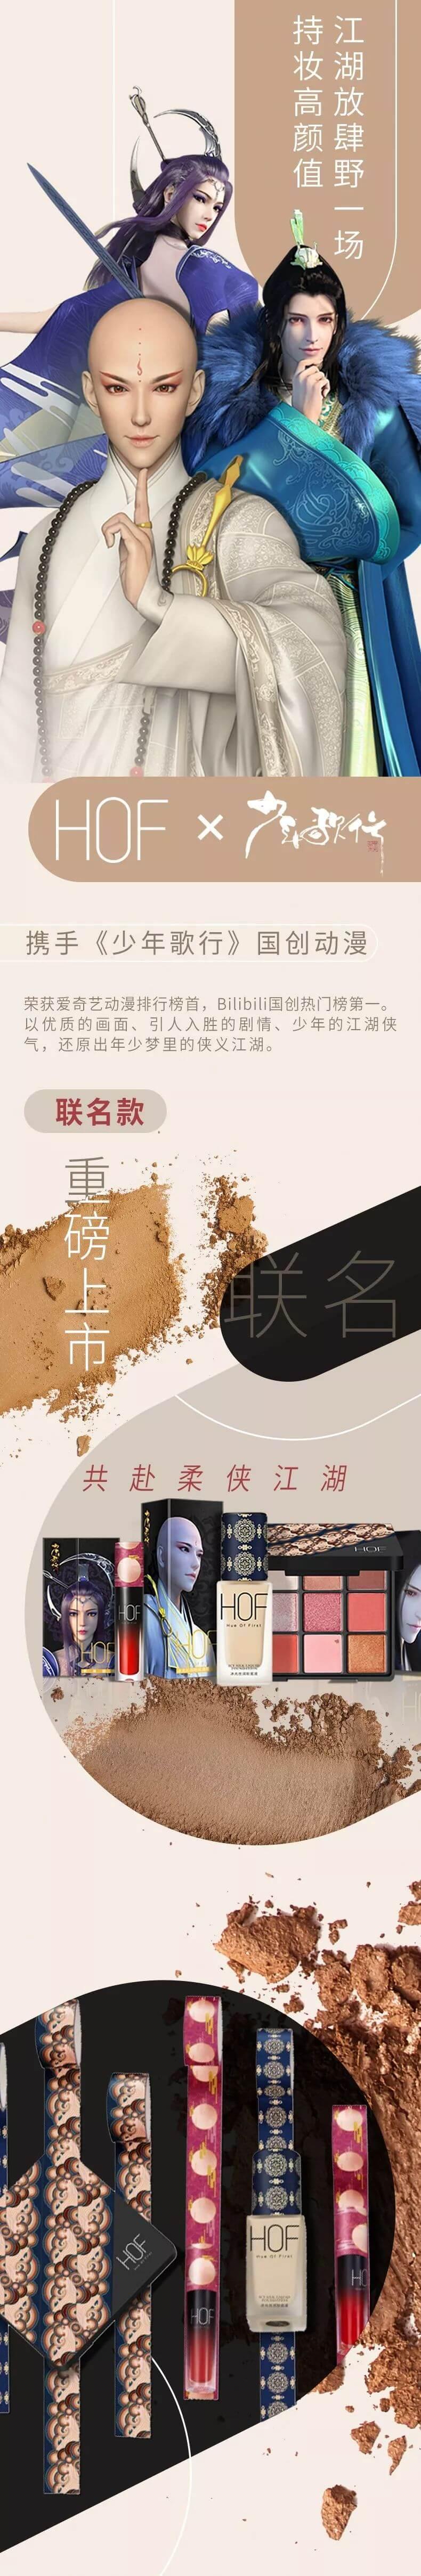 跨界升级丨《少年歌行》联合HOF强势推出高颜值美妆,经典国漫燃起国潮狂欢-C3动漫网